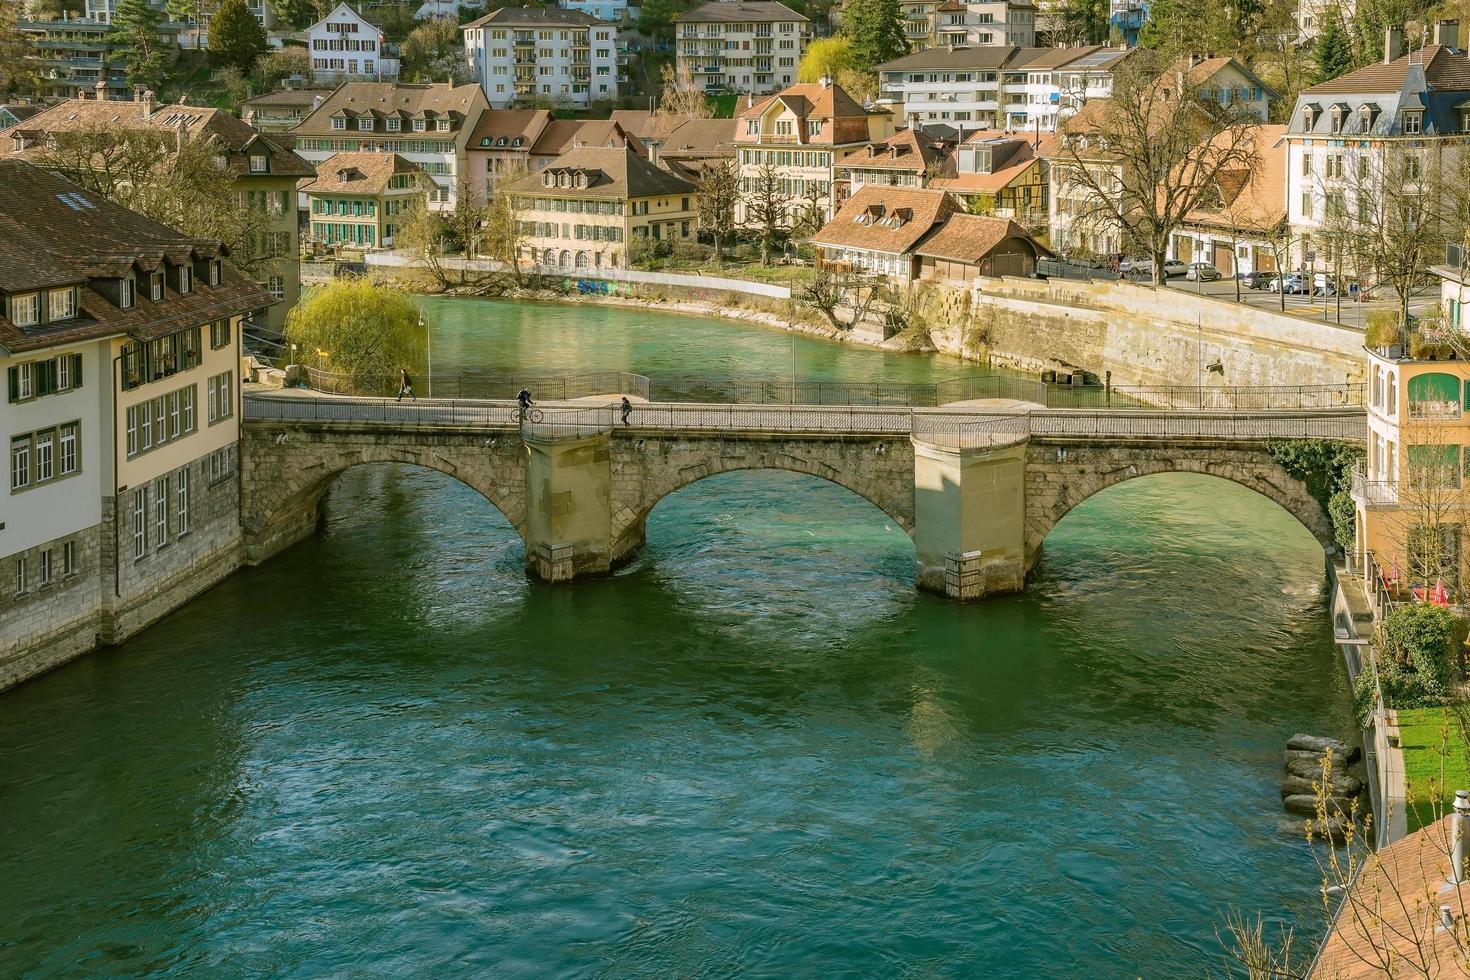 vista del centro storico della città di Berna, Svizzera foto